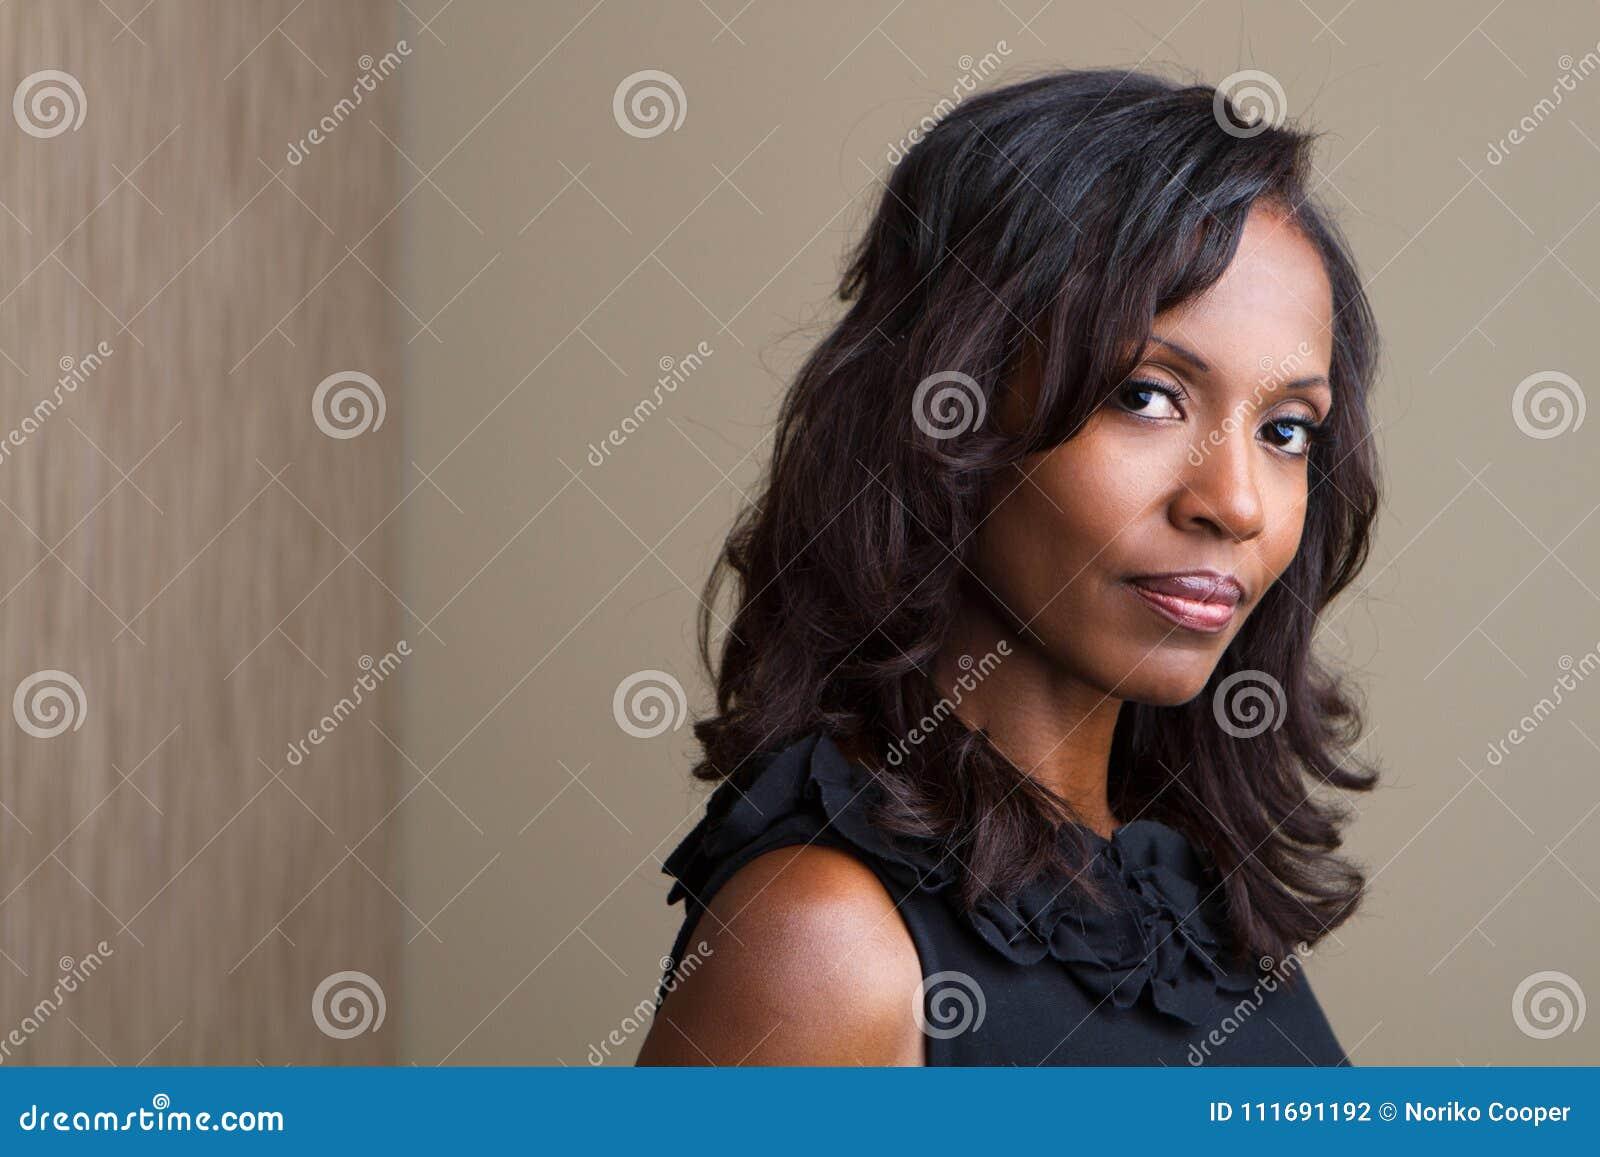 Mature black women pics Fashionable Beautiful Mature Woman Stock Photo Image Of Lifestyles Working 111691192